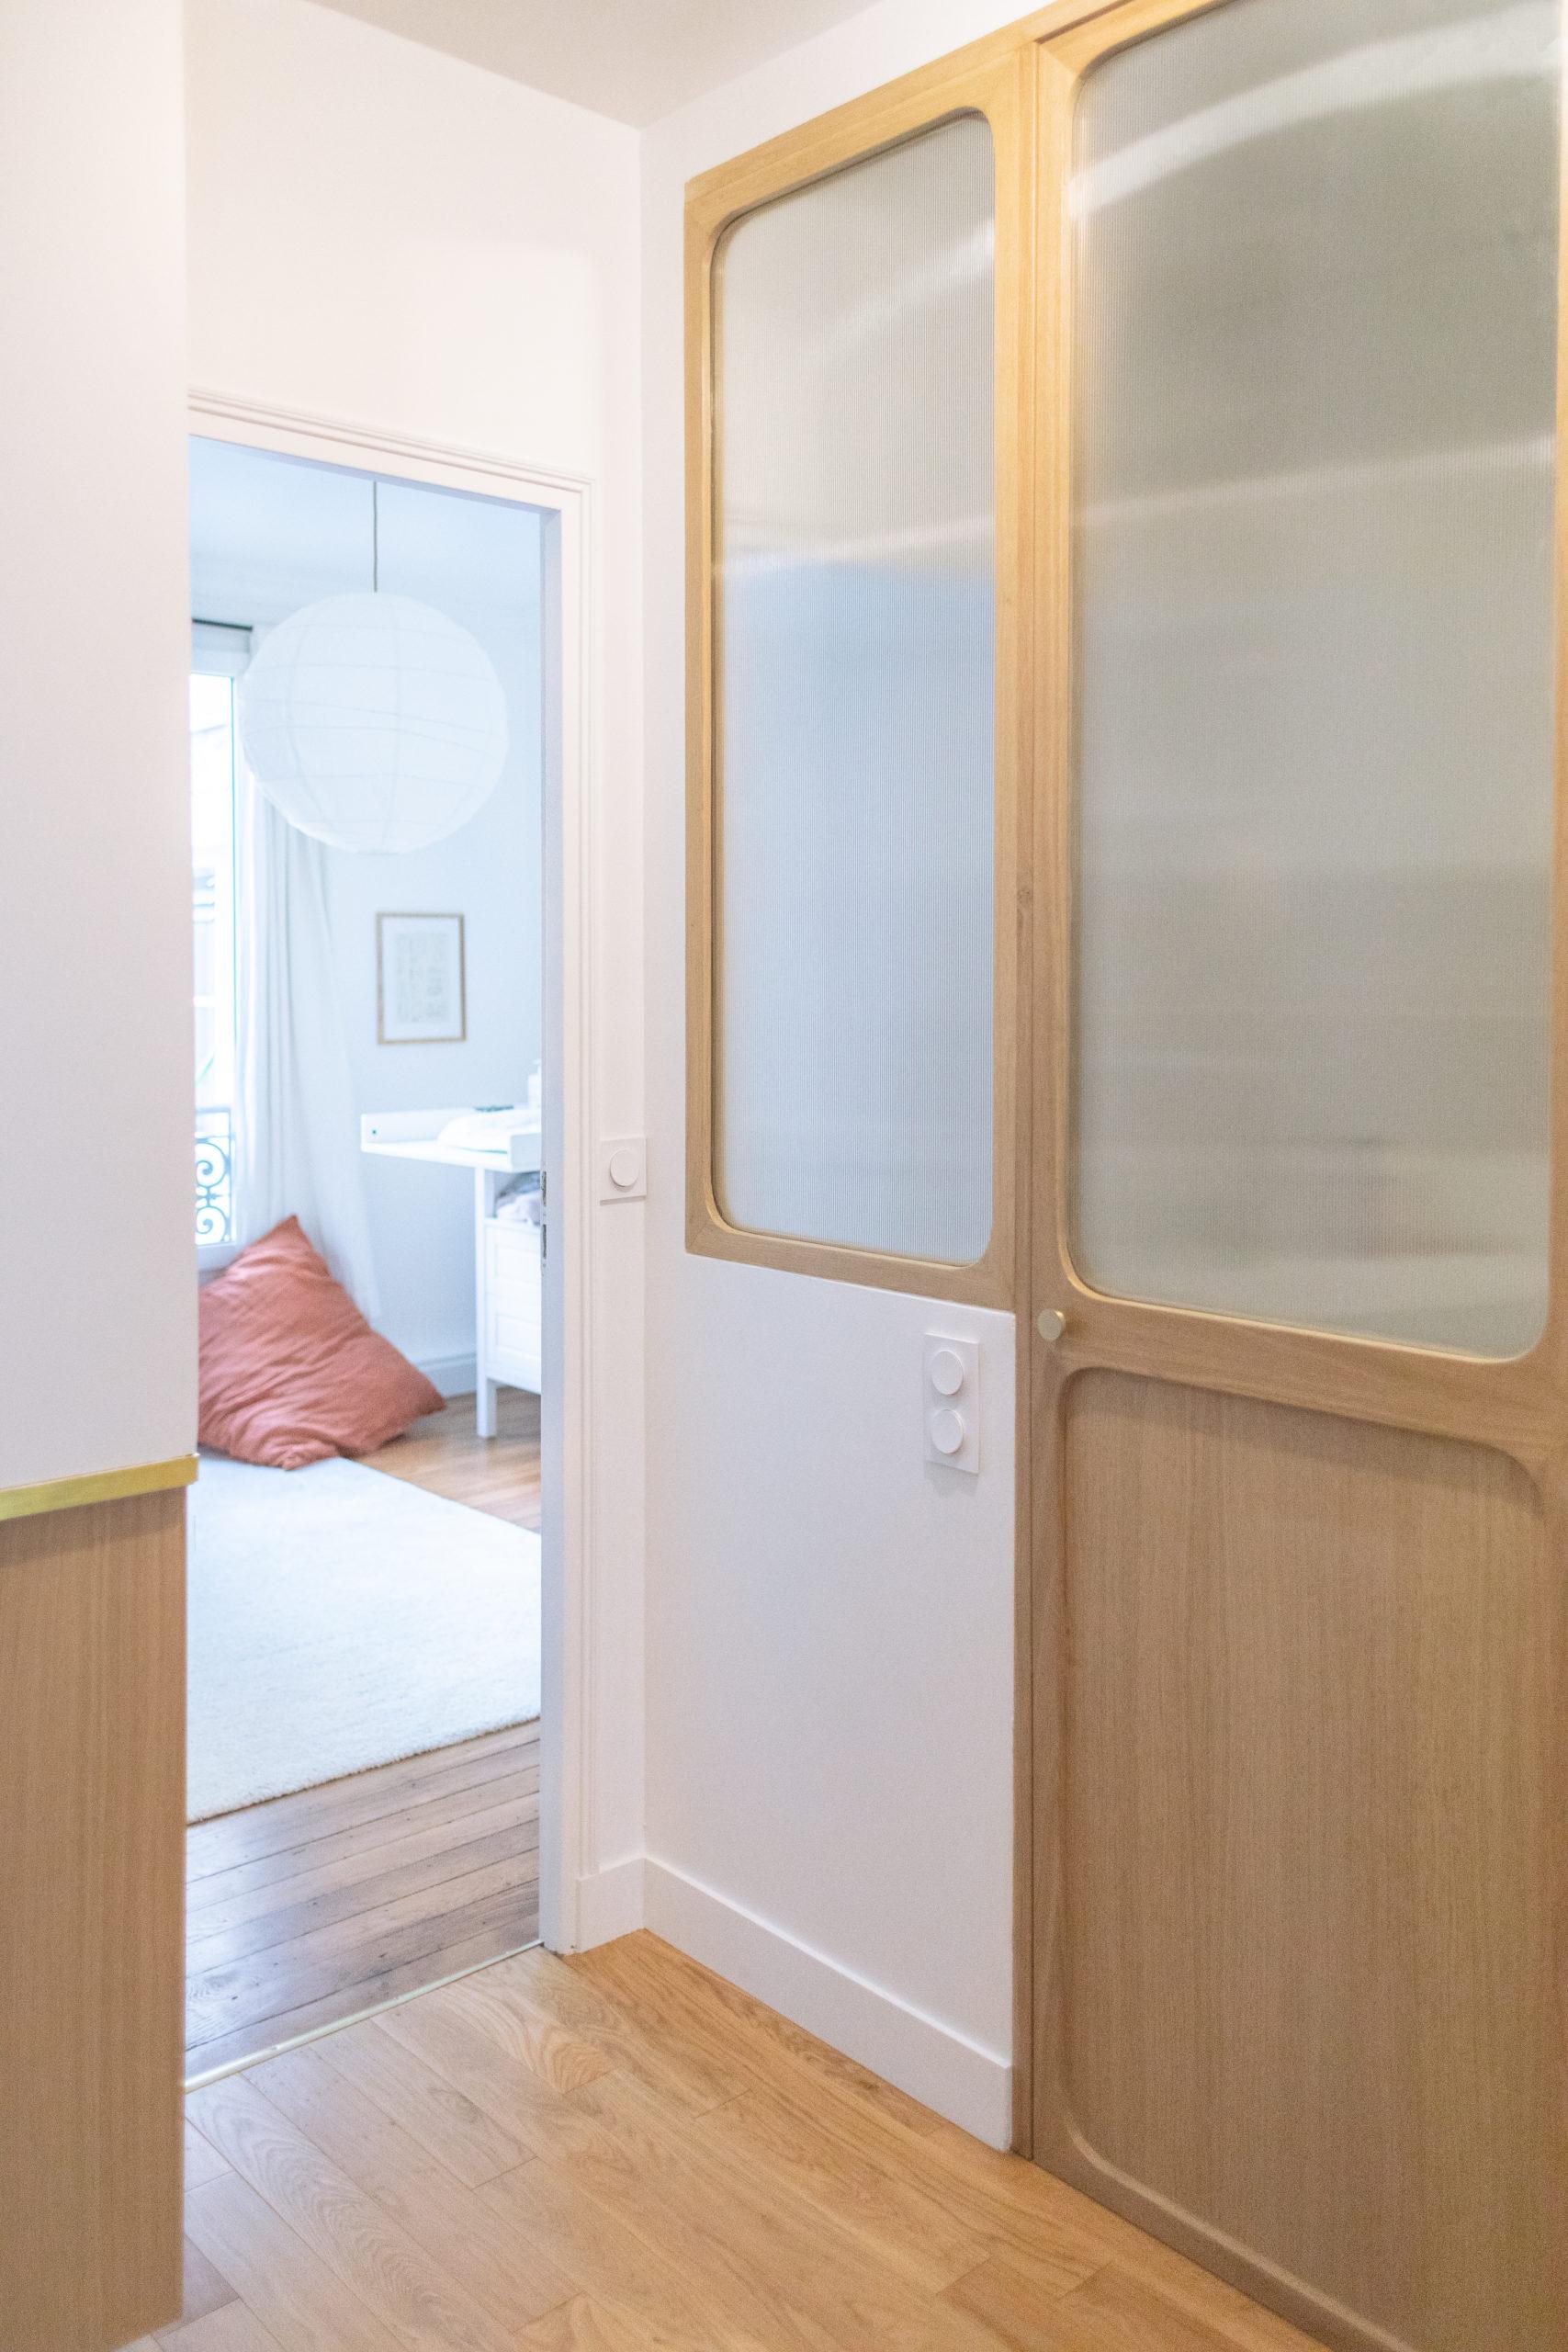 Verrière en bois et verre cannelé - architecte intérieur Studio Mariekke - Paris